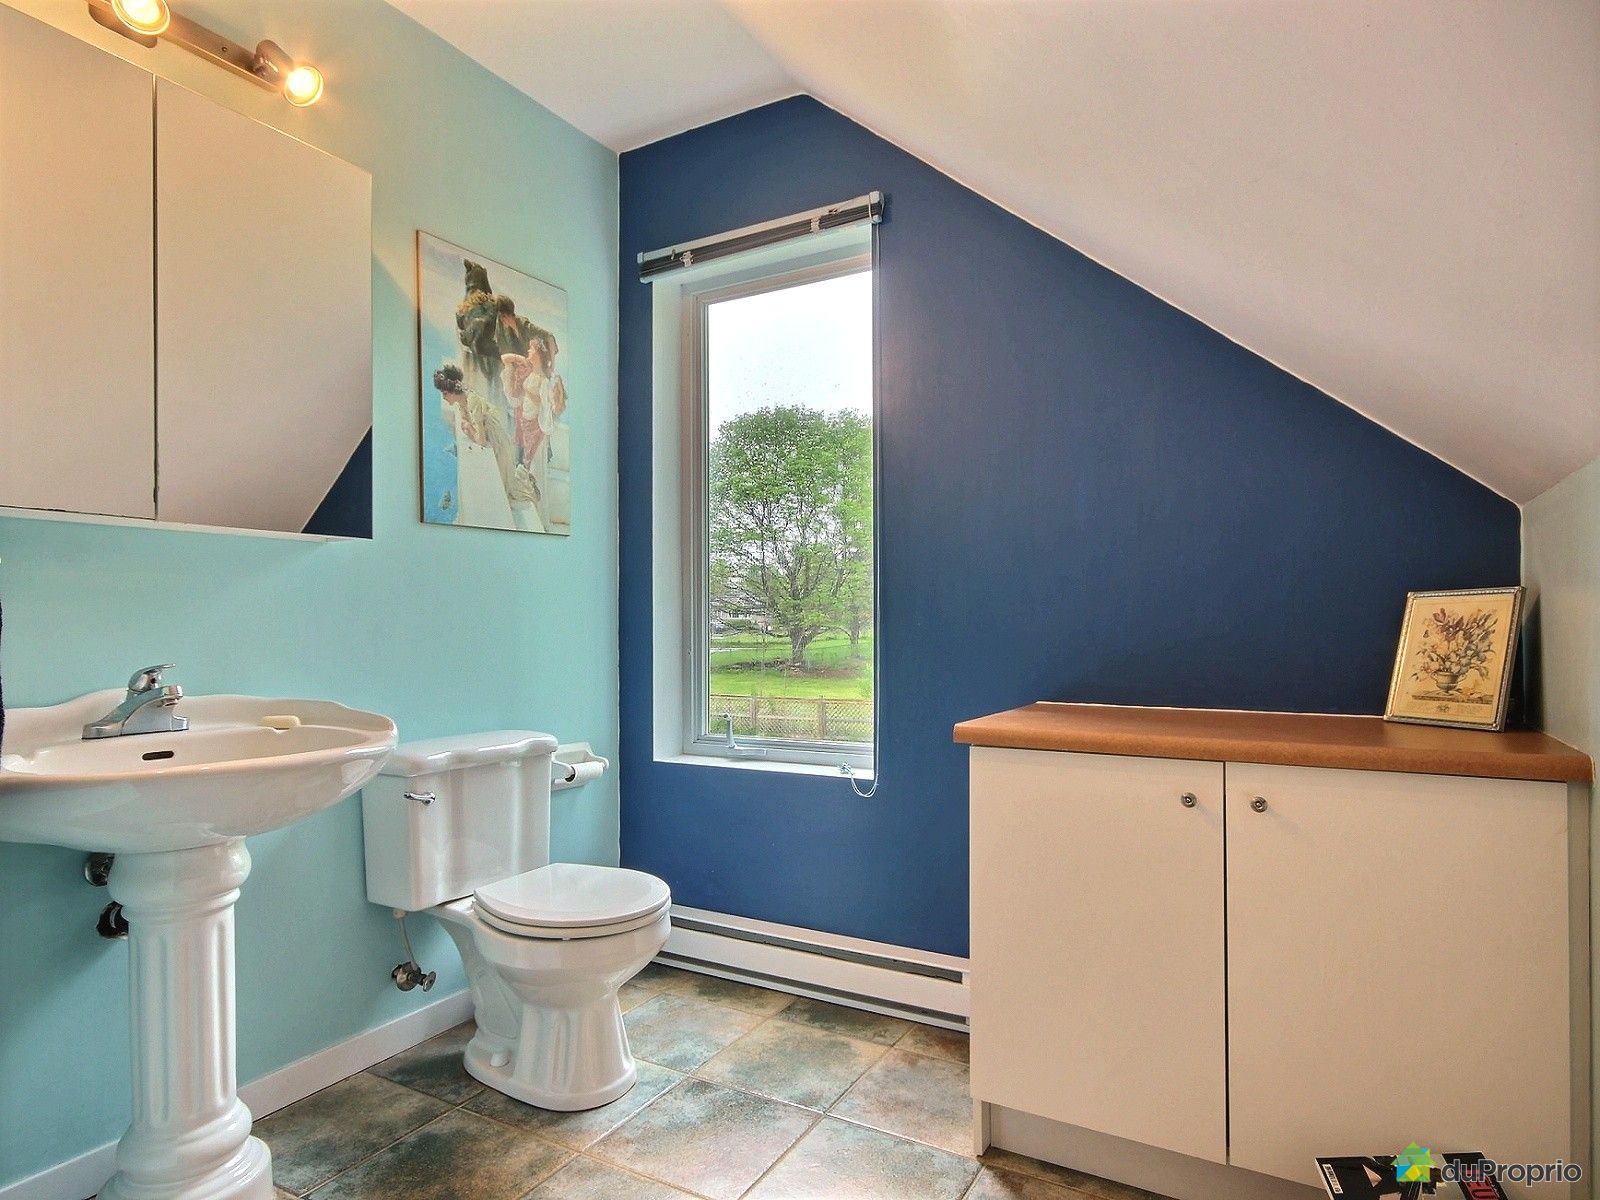 maison vendre ile d 39 orleans ste p tronille 8 rue d 39 orl ans immobilier qu bec duproprio. Black Bedroom Furniture Sets. Home Design Ideas